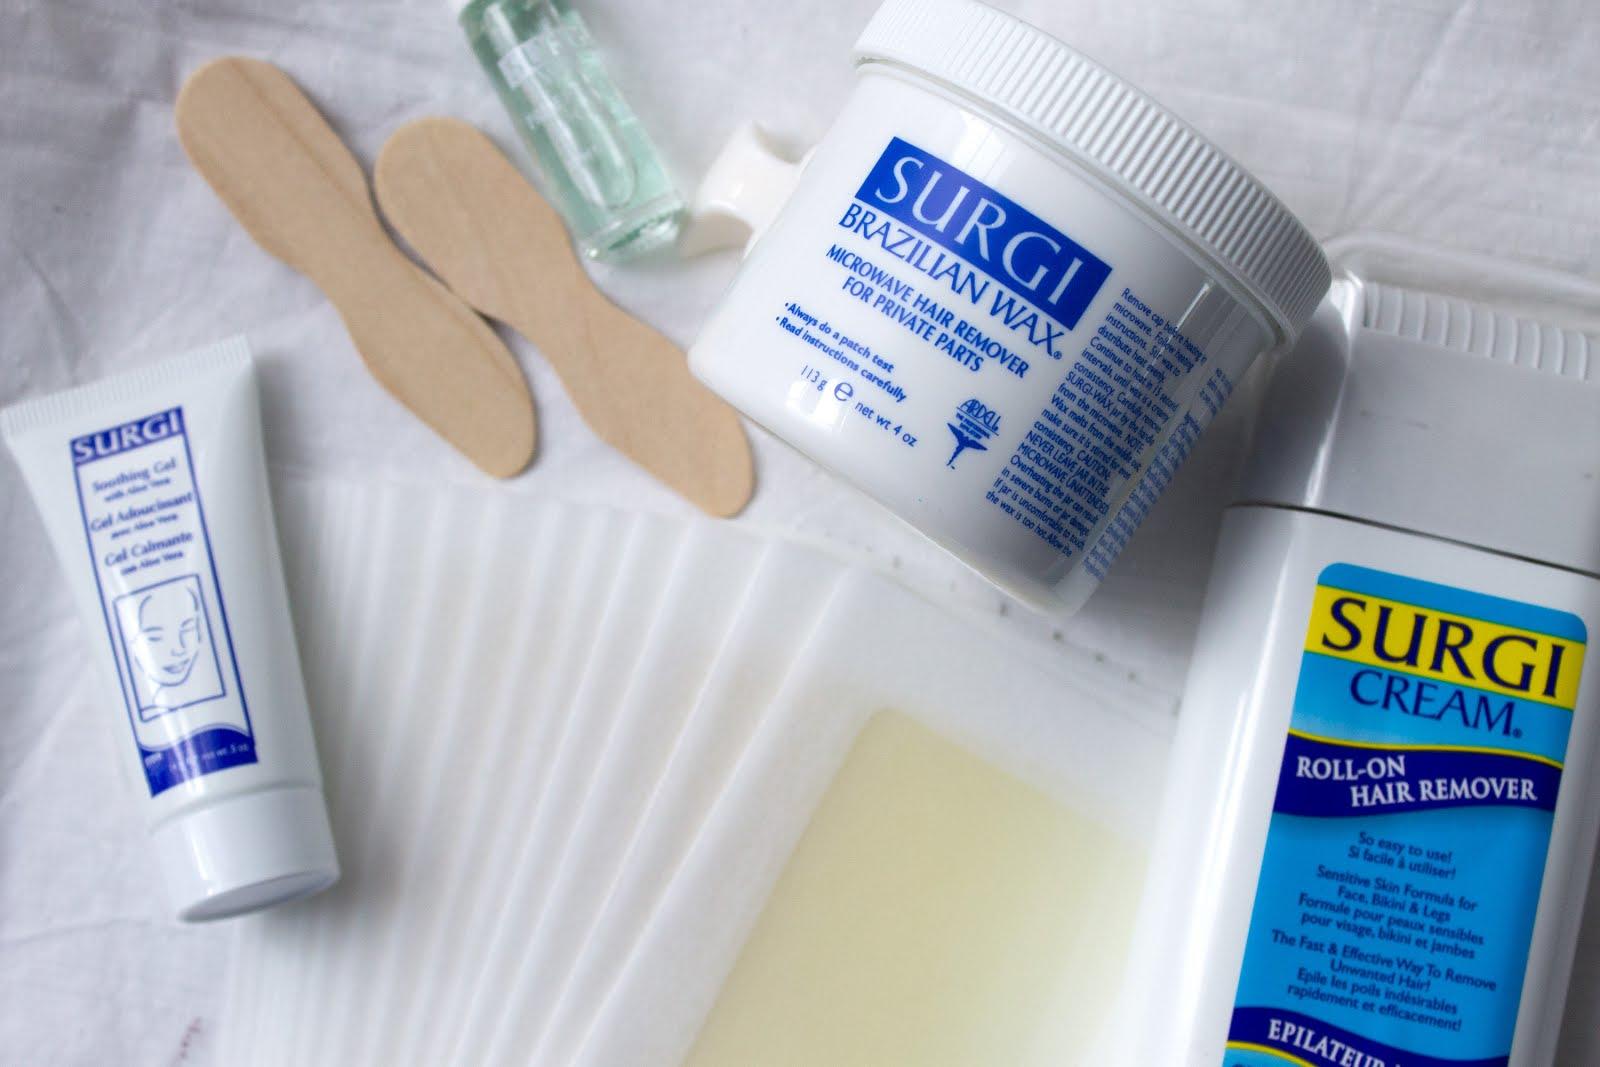 Сурджи крем для удаления волос на лице отзывы